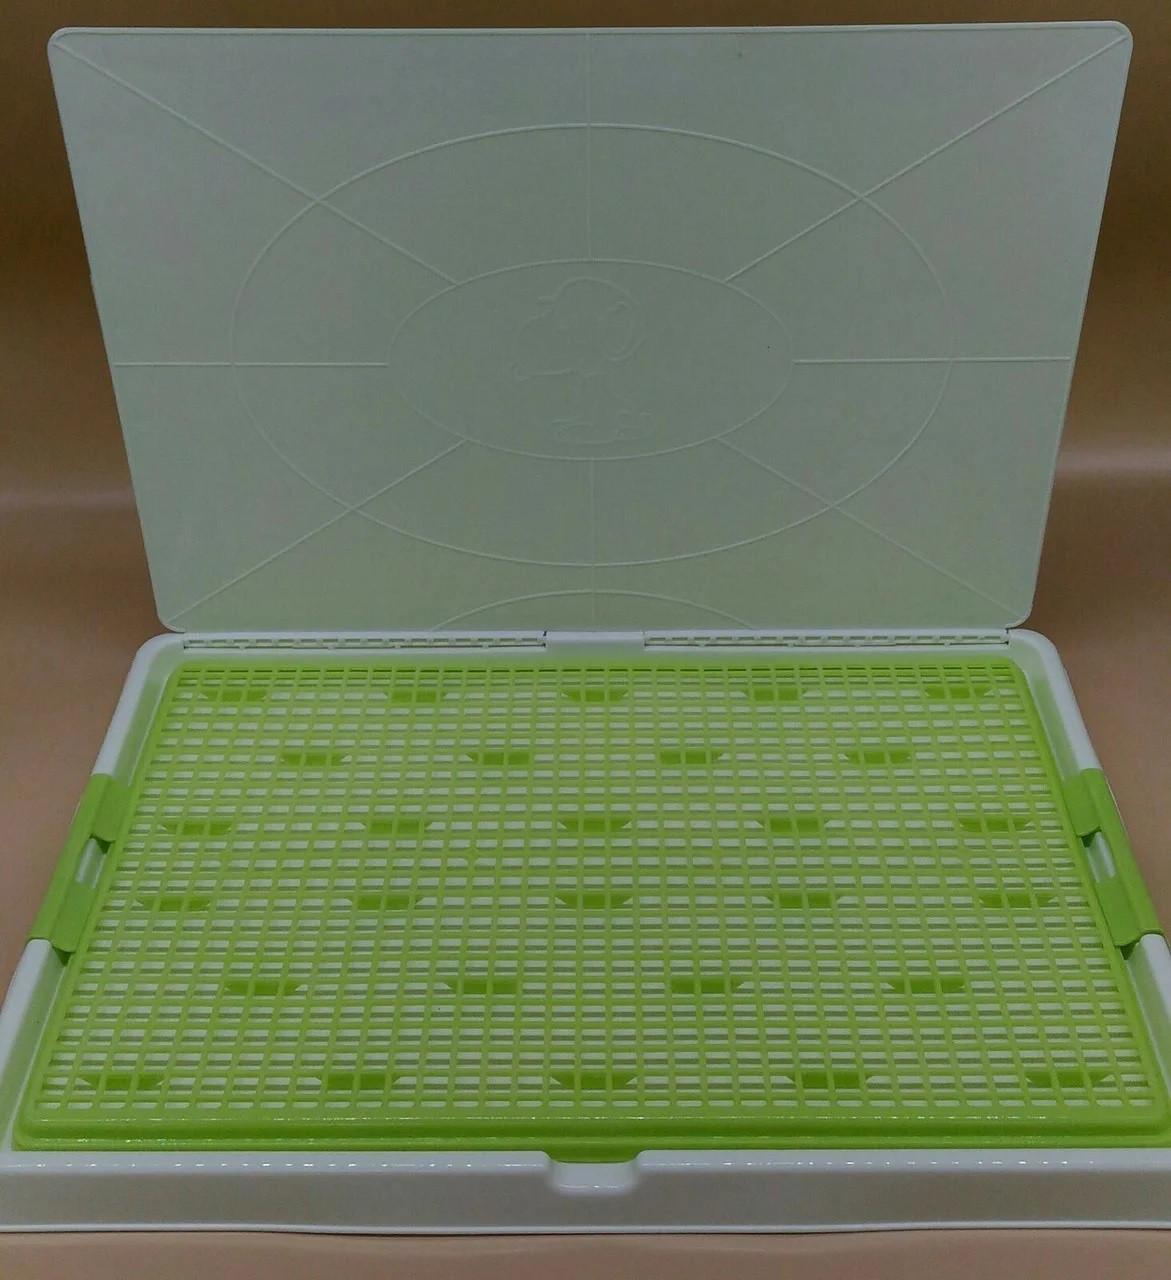 Туалет для собак и щенков под пеленку бело-зеленый 44,5*33,8*2,5 см